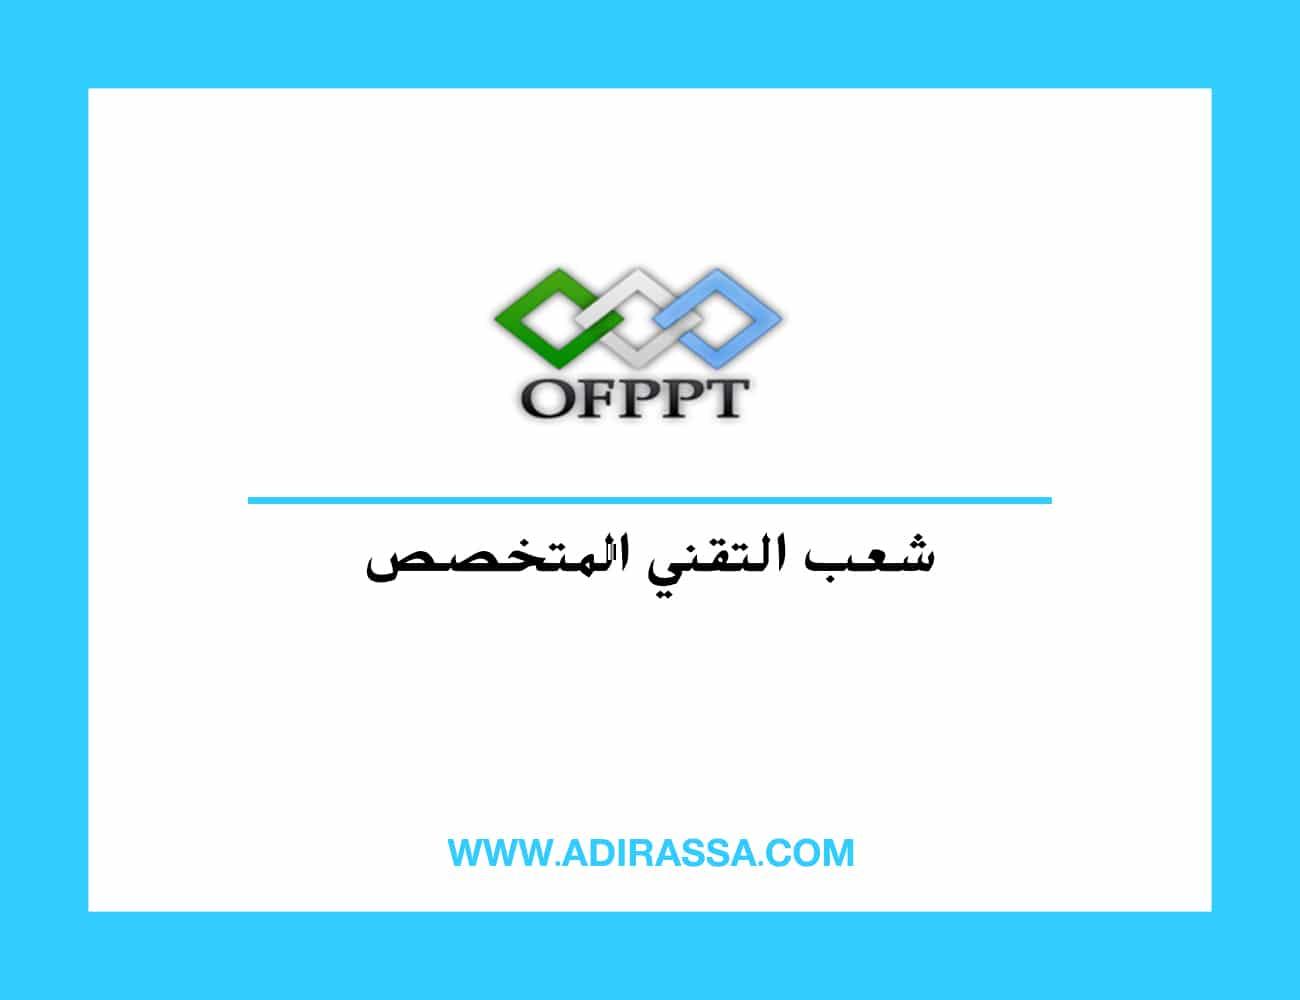 شعب التقني المتخصص Technicien spécialisé حسب الجهات المغربية